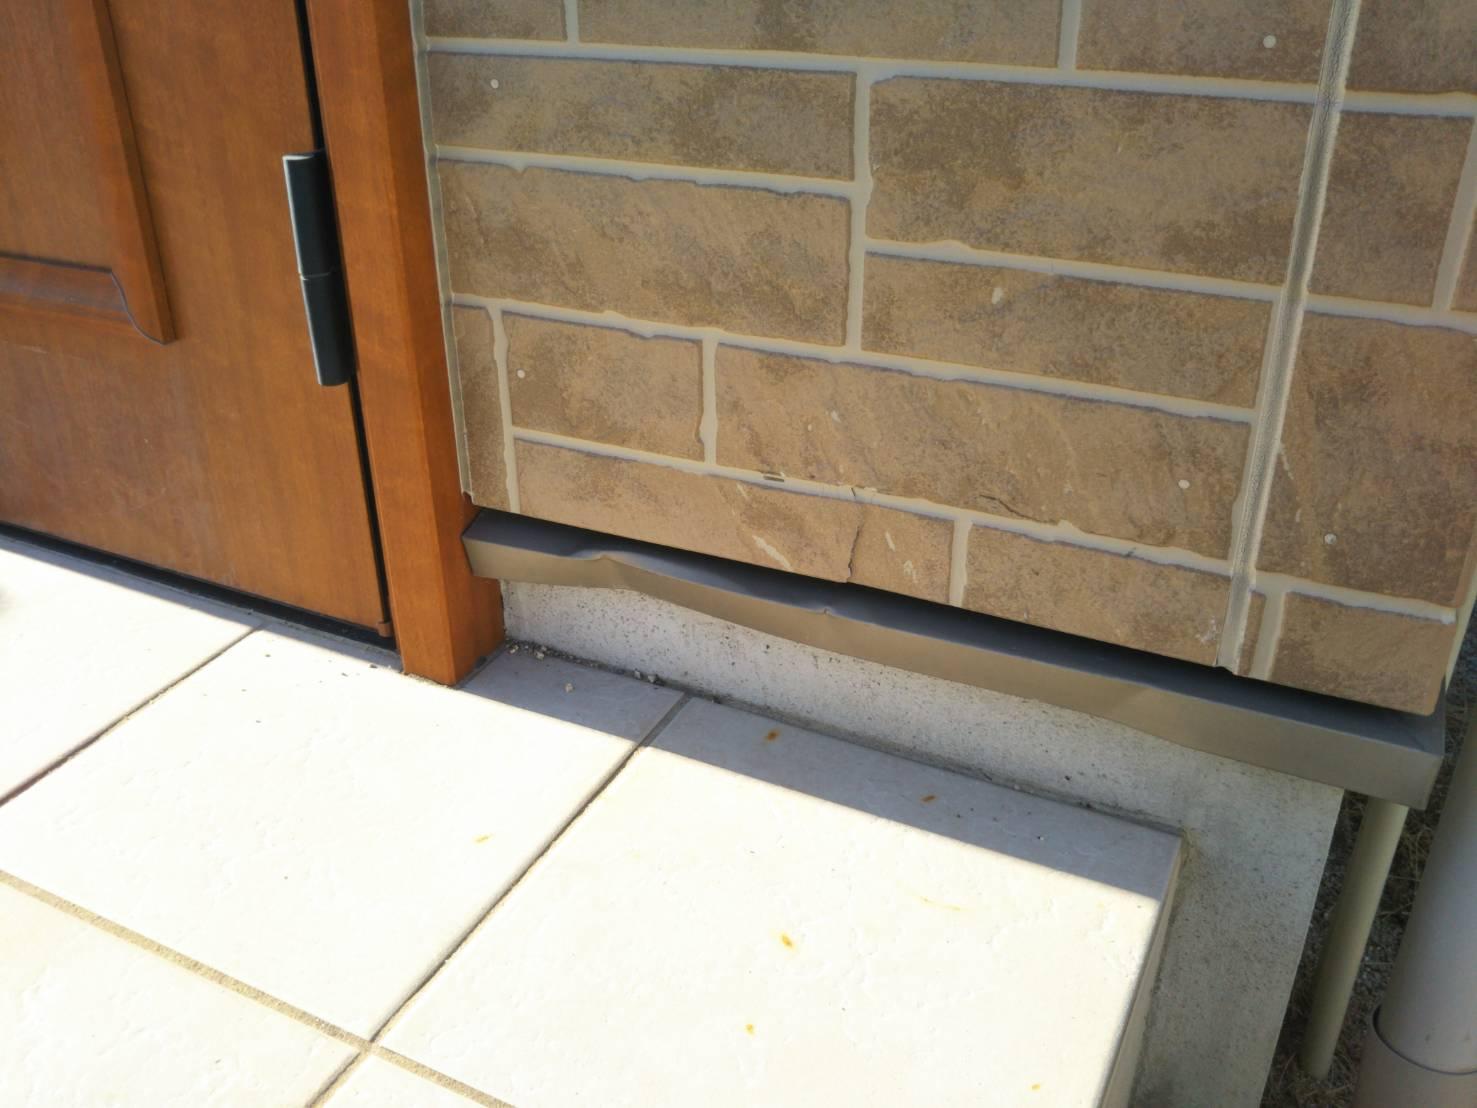 記事 賃貸管理外壁修理|外壁修理|神戸、明石、加古川、姫路の不動産管理・サブリースのアースデザイン明石のアイキャッチ画像